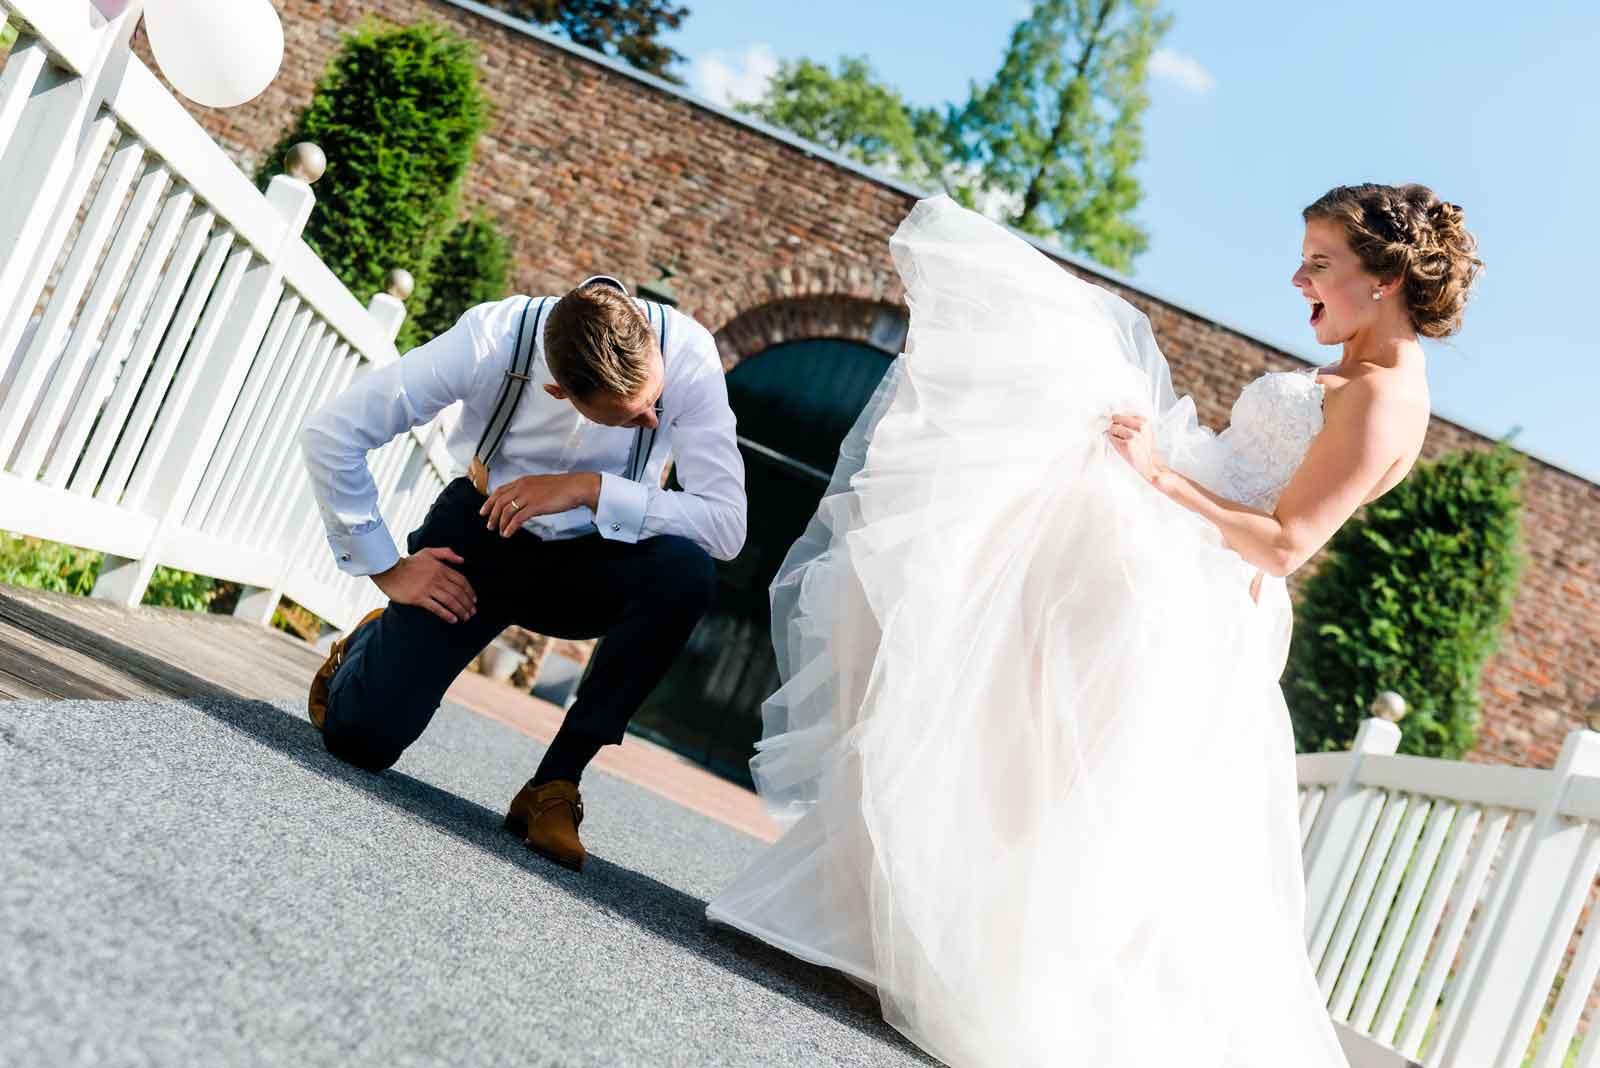 Bruid kijkt bruidegom onder de omhoog gezwiepte rok bij Kasteel Daelenbroeck herkenbosch